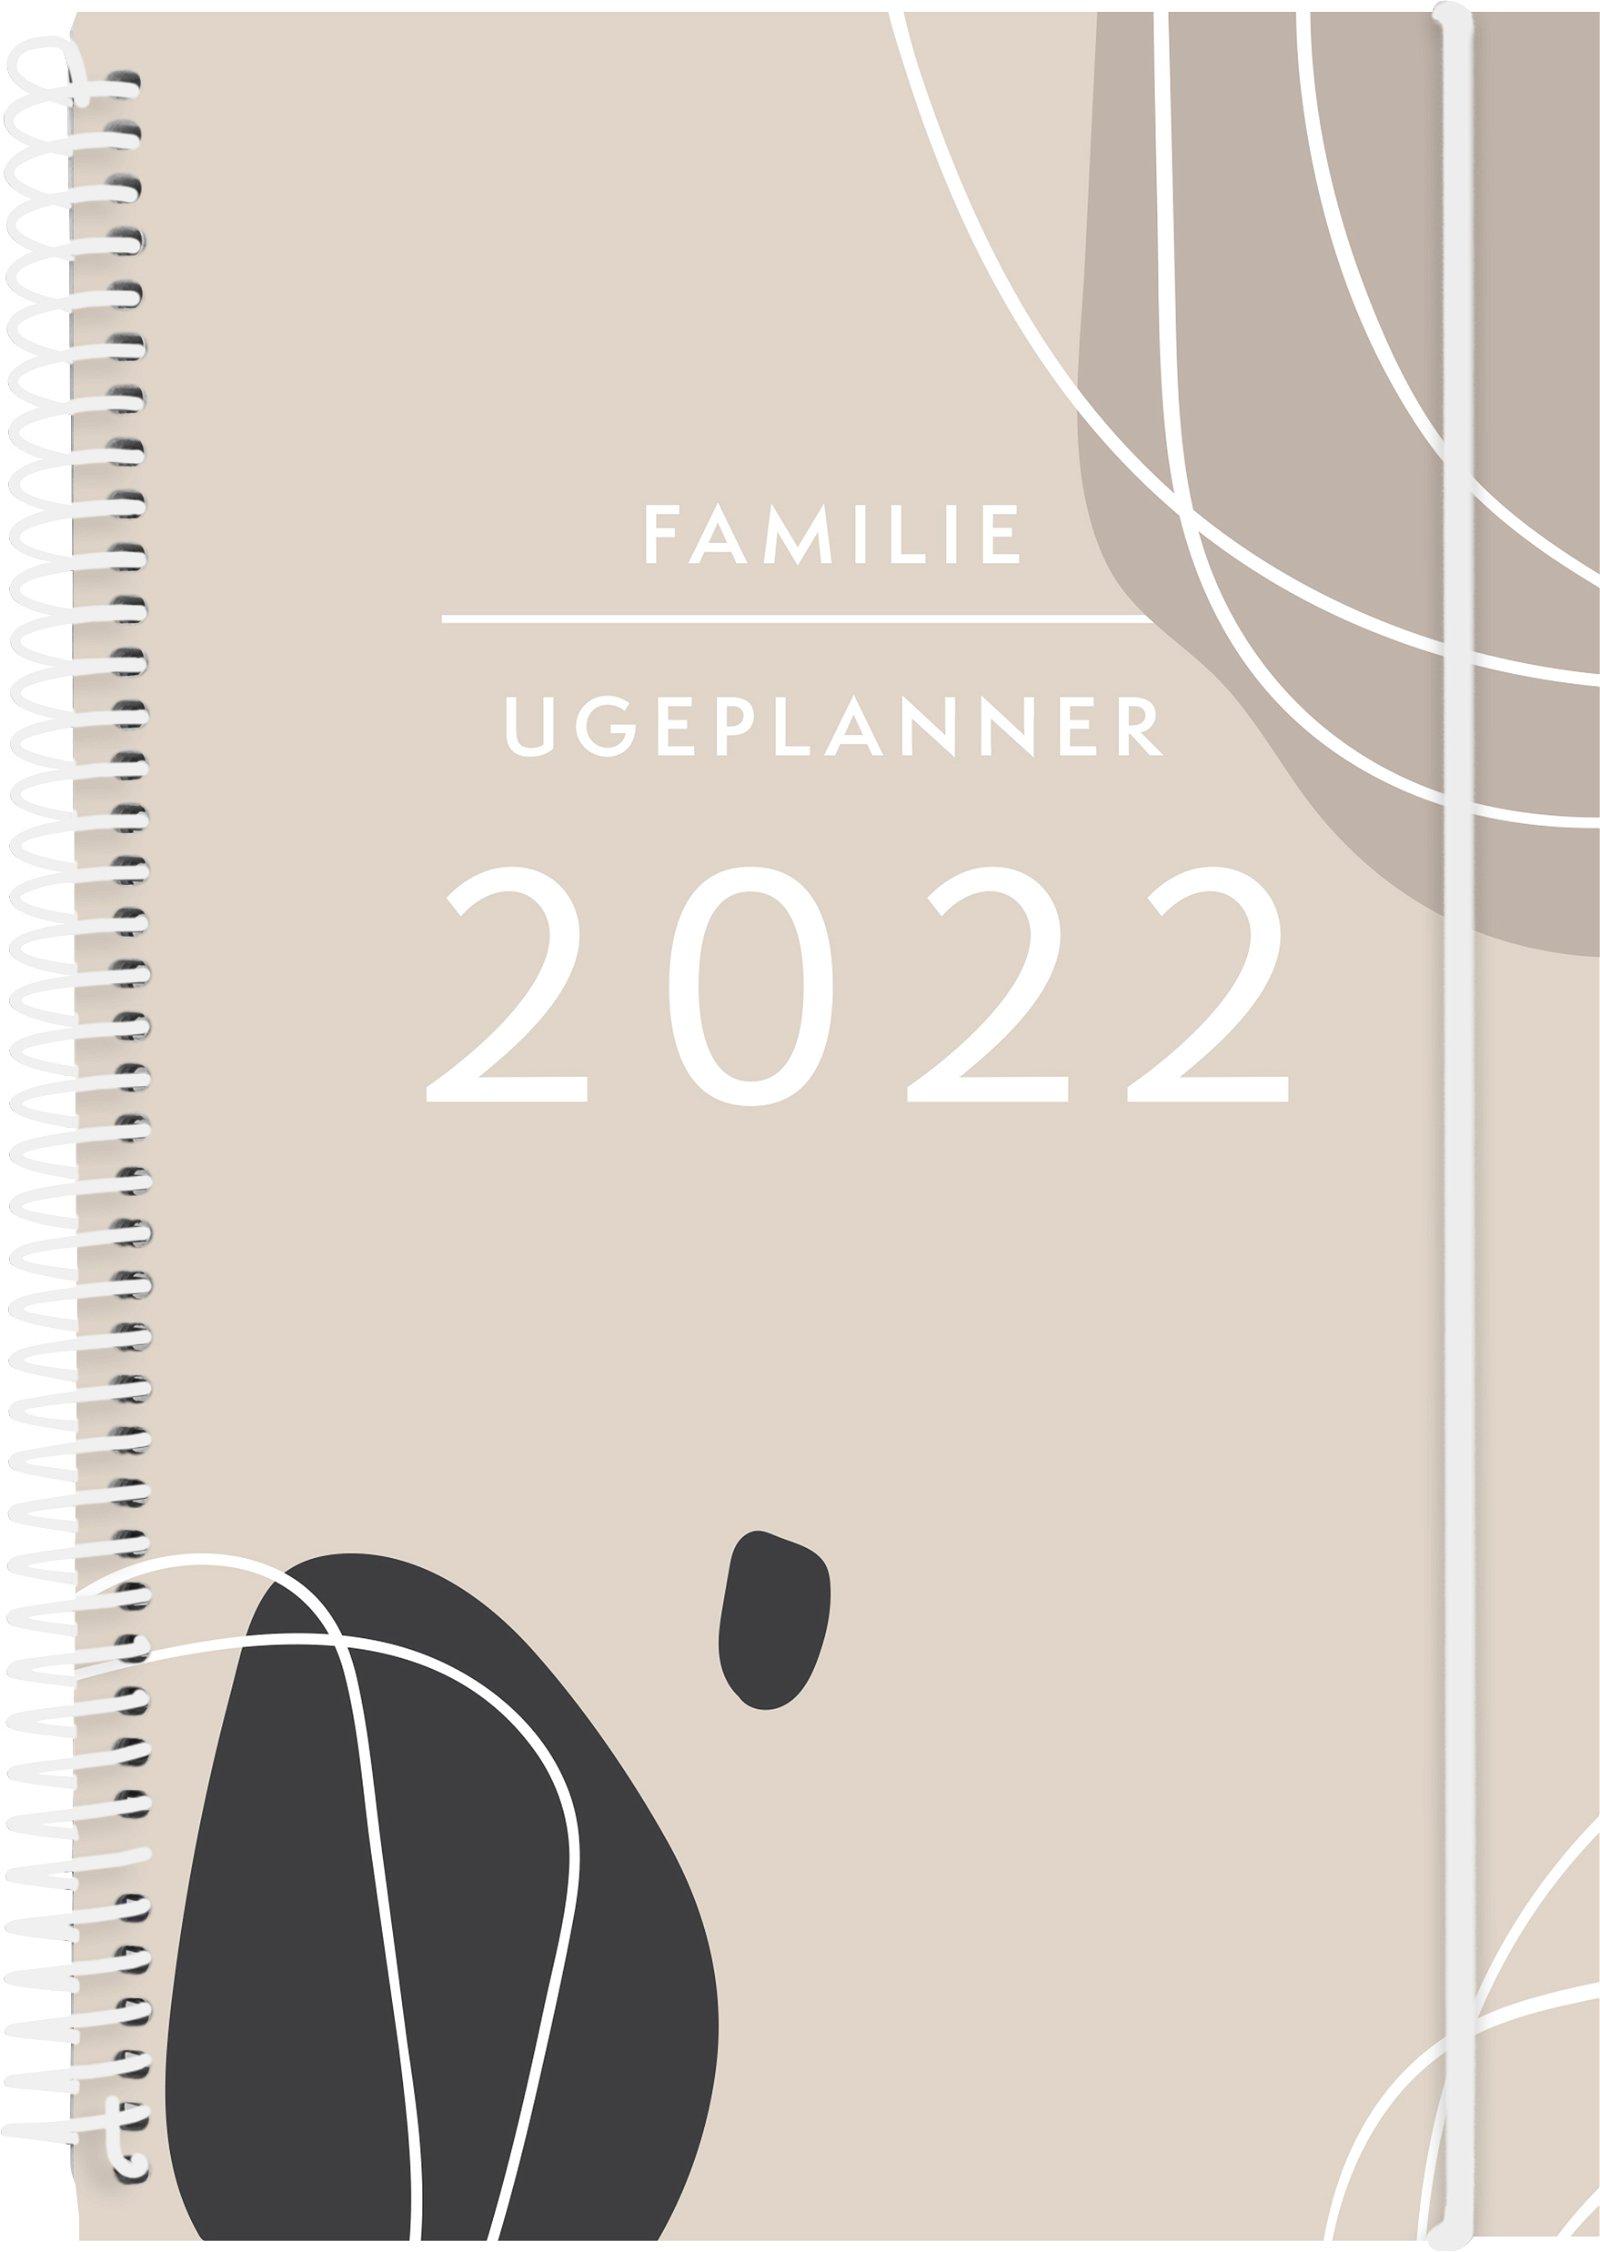 Mayland Familie ugeplanner  2022